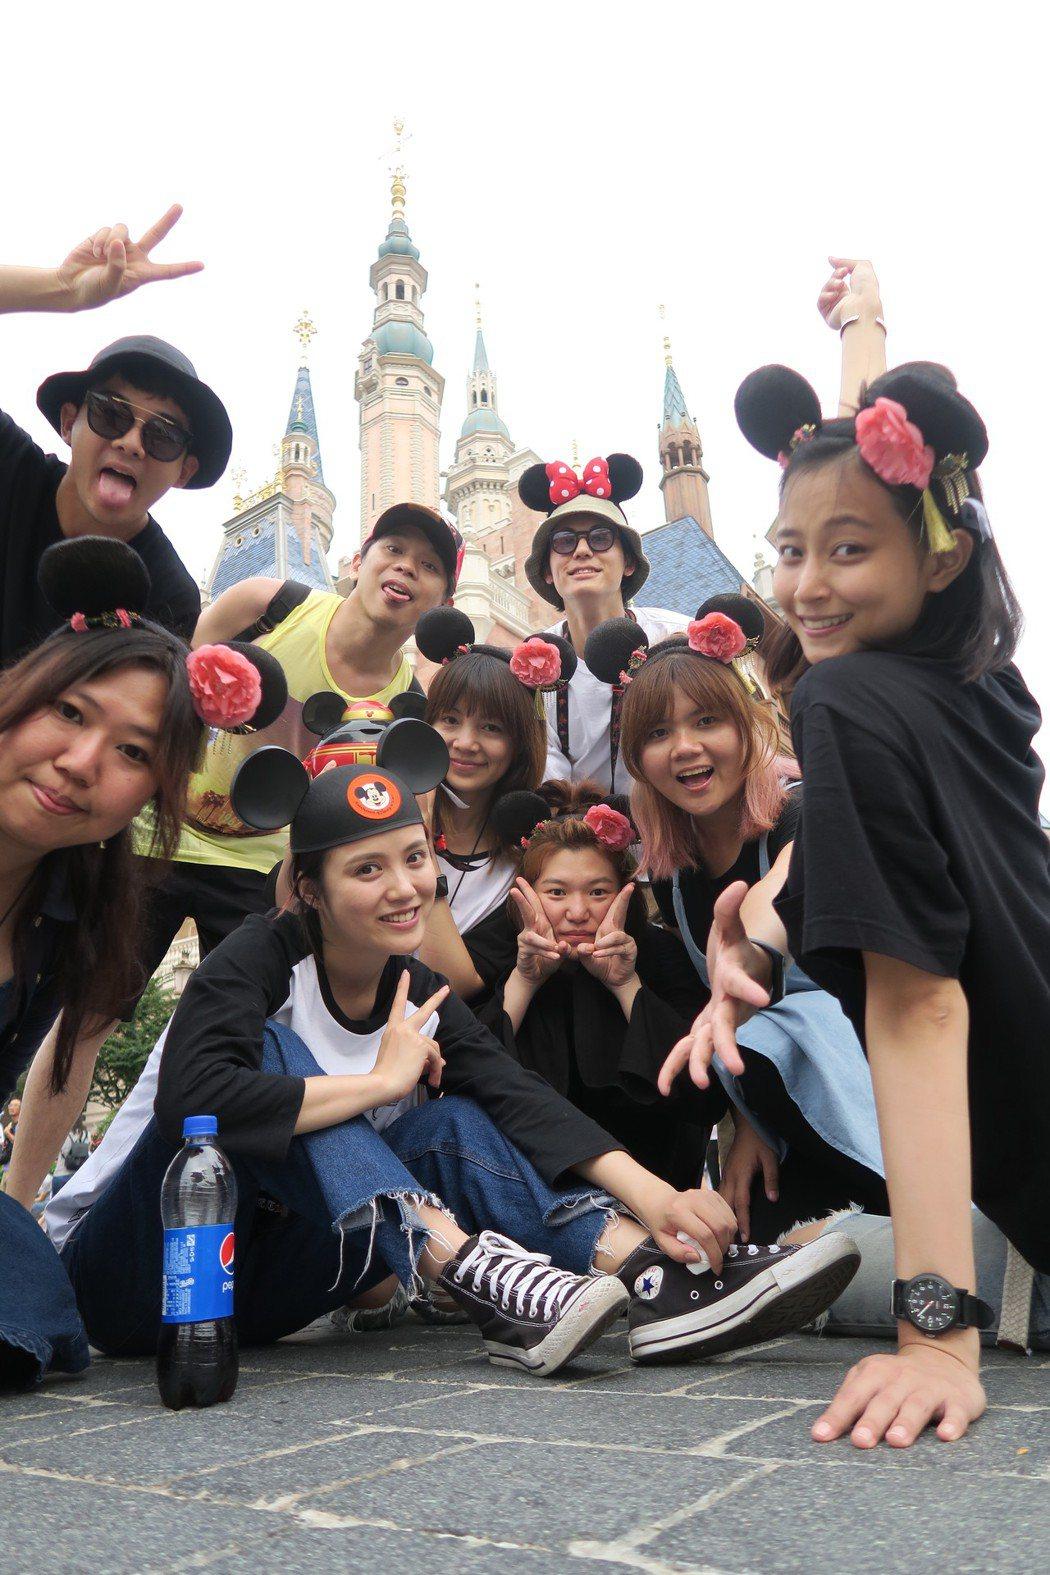 文雨非揪團遊迪士尼樂園,逼大家都要戴上格格髮箍,風田(後排右)則一枝獨秀戴米妮髮...